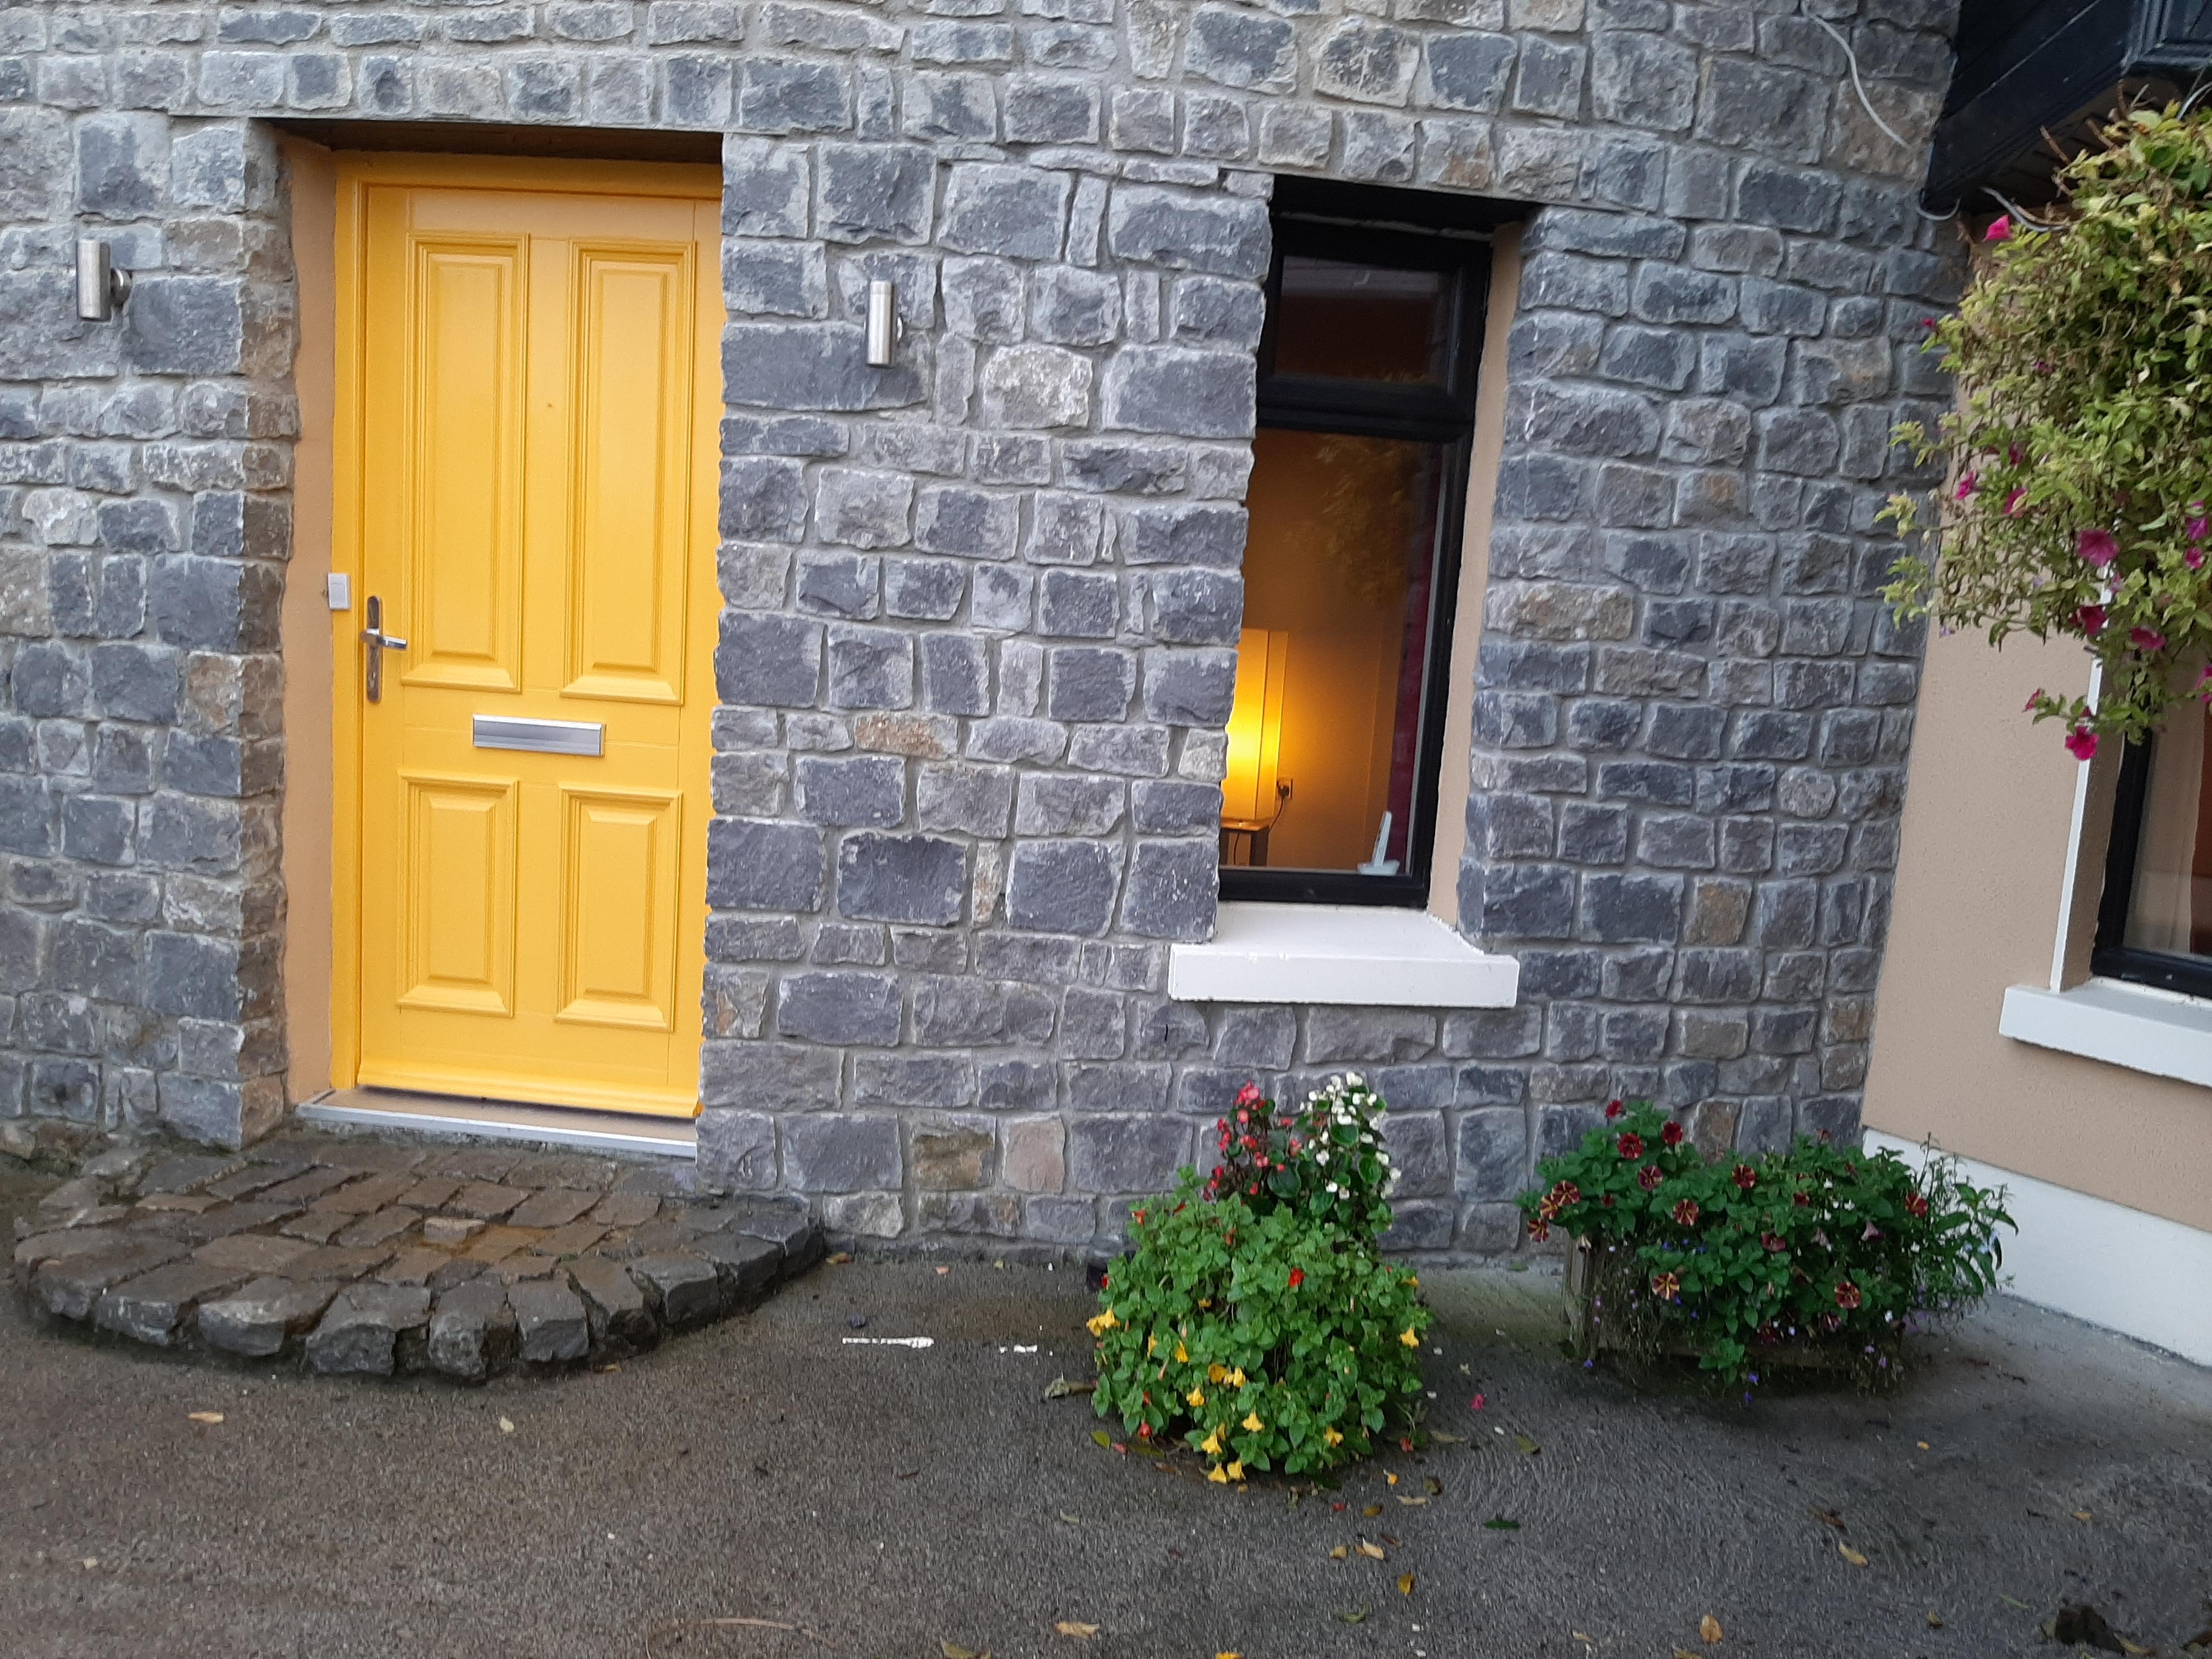 B and B welcoming front door